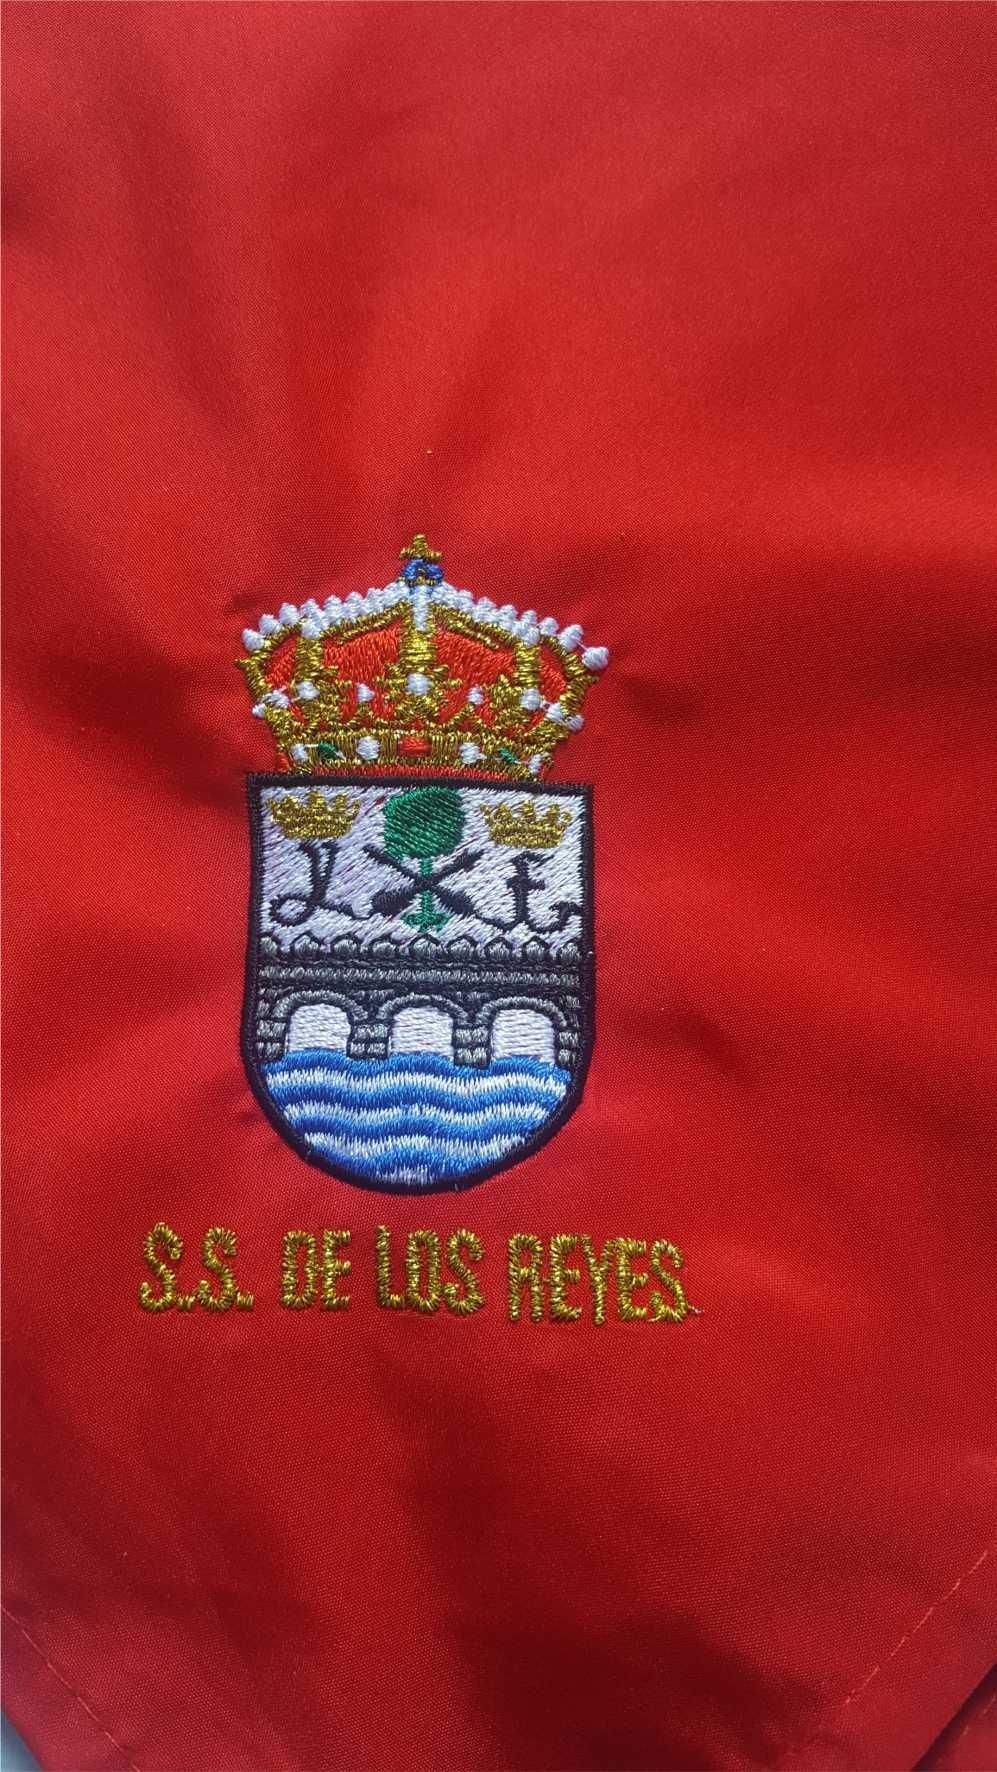 S.S. De Los Reyes